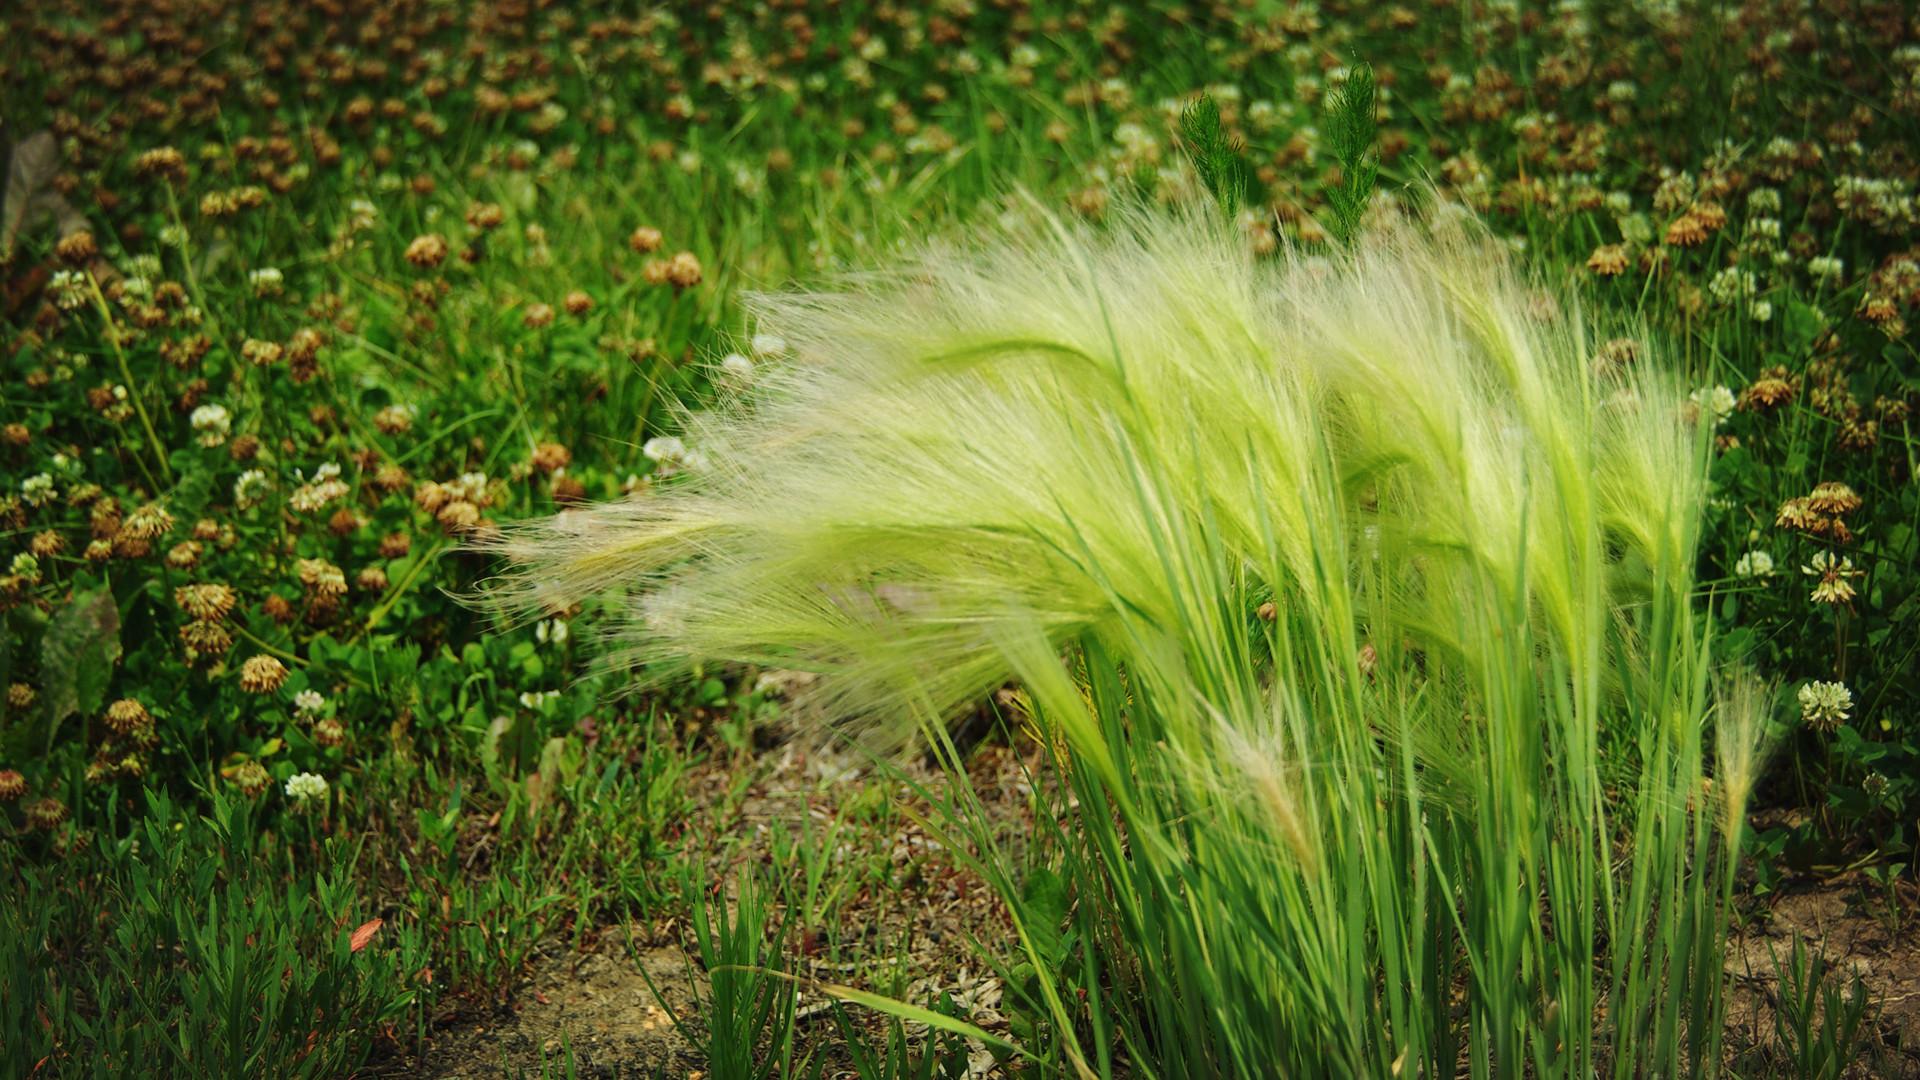 草�9�a���_壁纸 草 绿色 植物 桌面 1920_1080